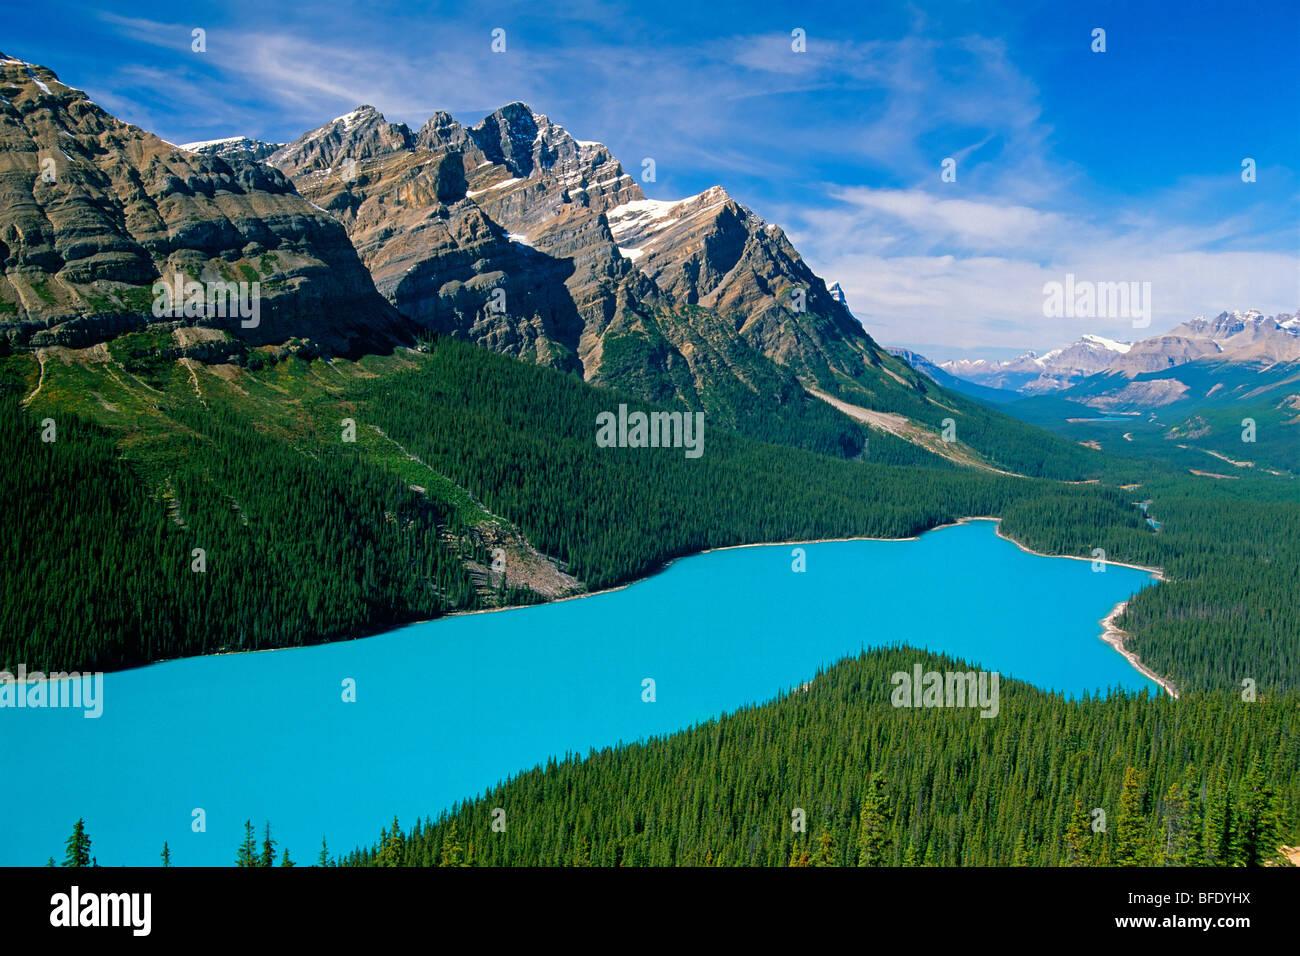 Erhöhte Ansicht der Peyto Lake, Icefields Parkway, Banff Nationalpark, Alberta, Kanada Stockbild